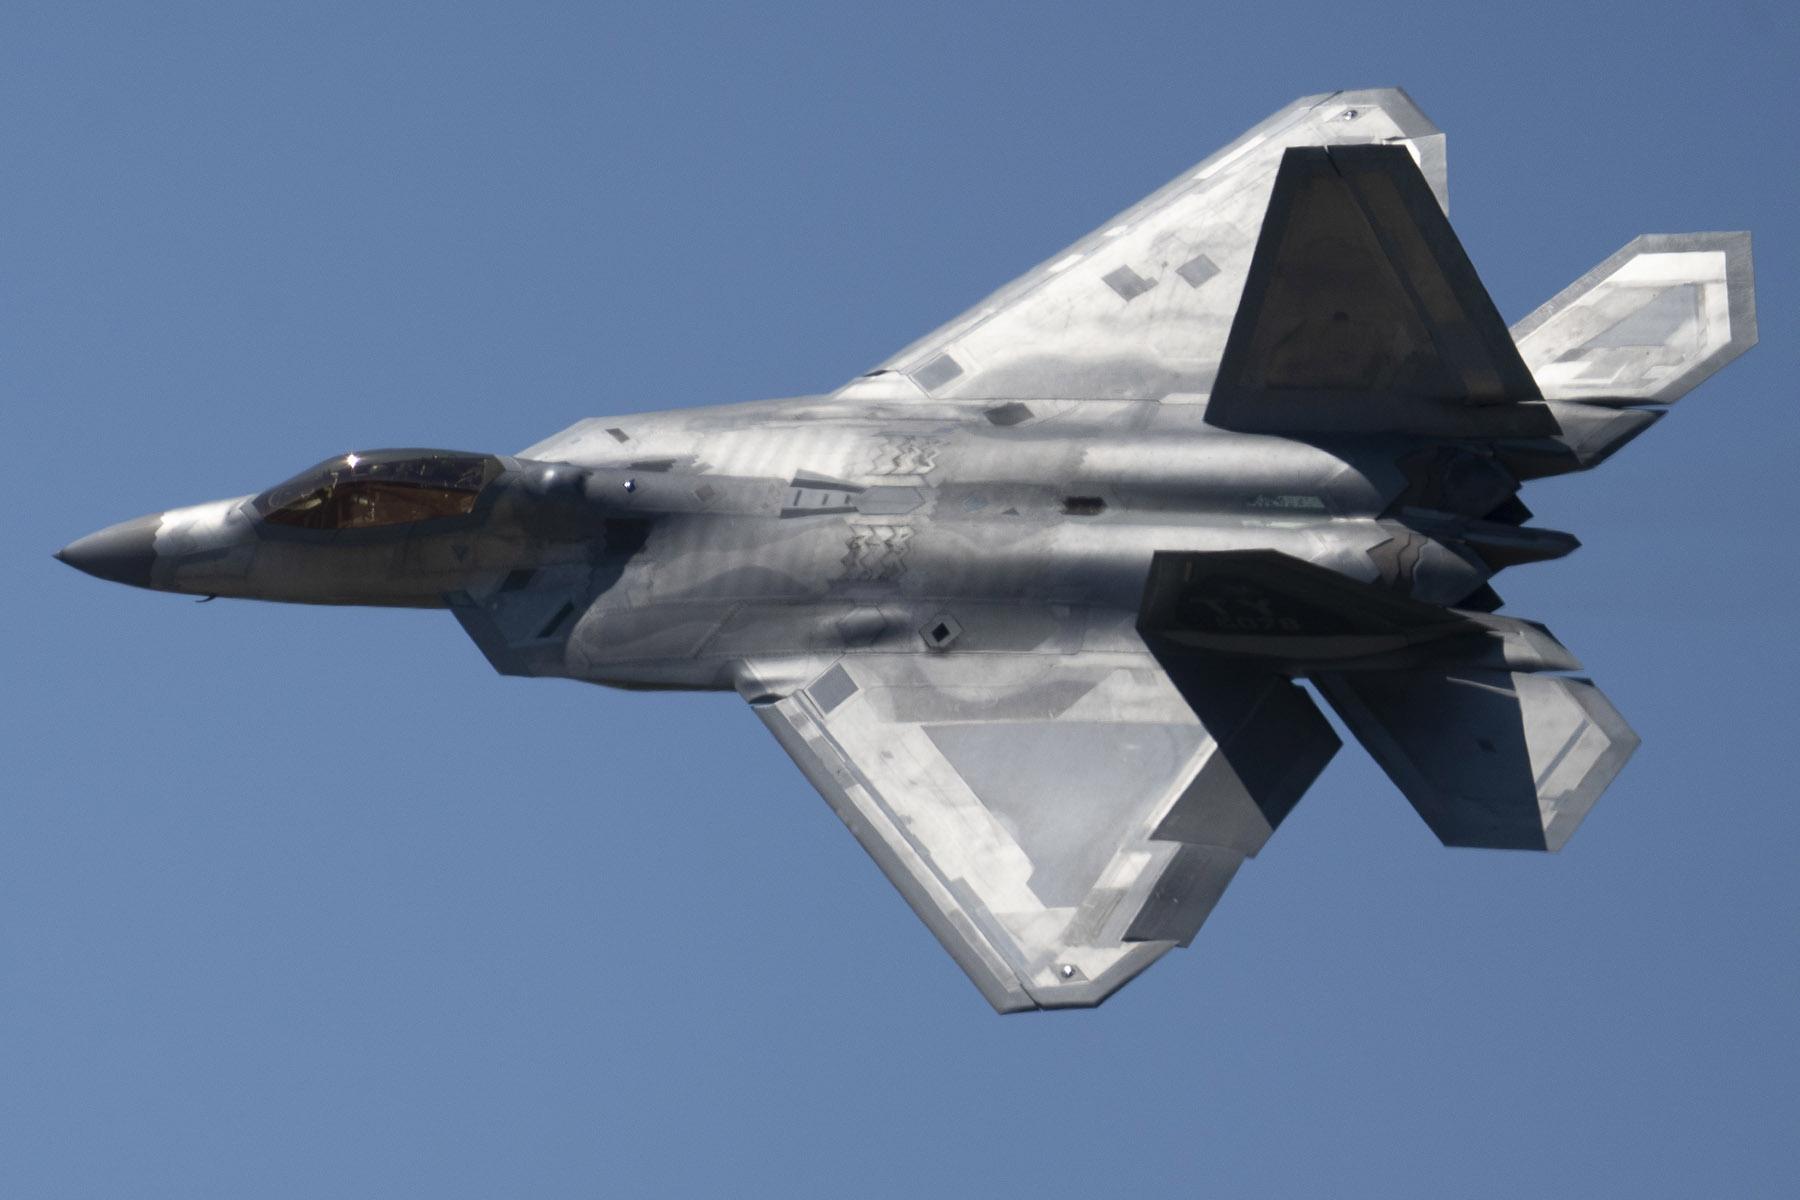 Un avion F-22 de l'US Air Force en pleine démonstration.